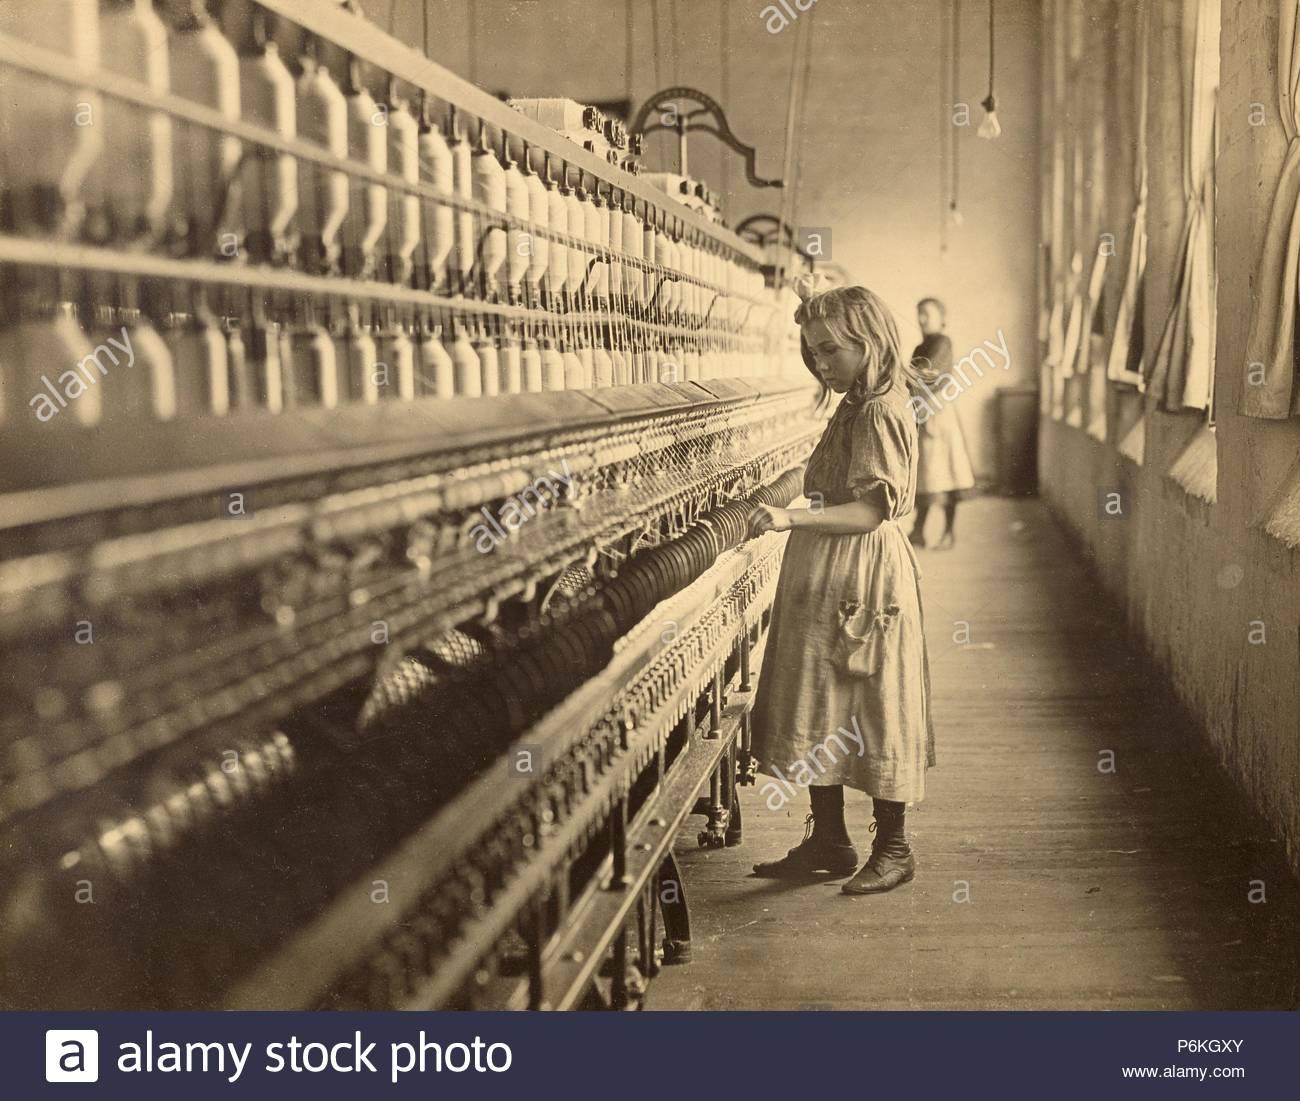 W 1920s Stockfotos & W 1920s Bilder - Seite 2 - Alamy